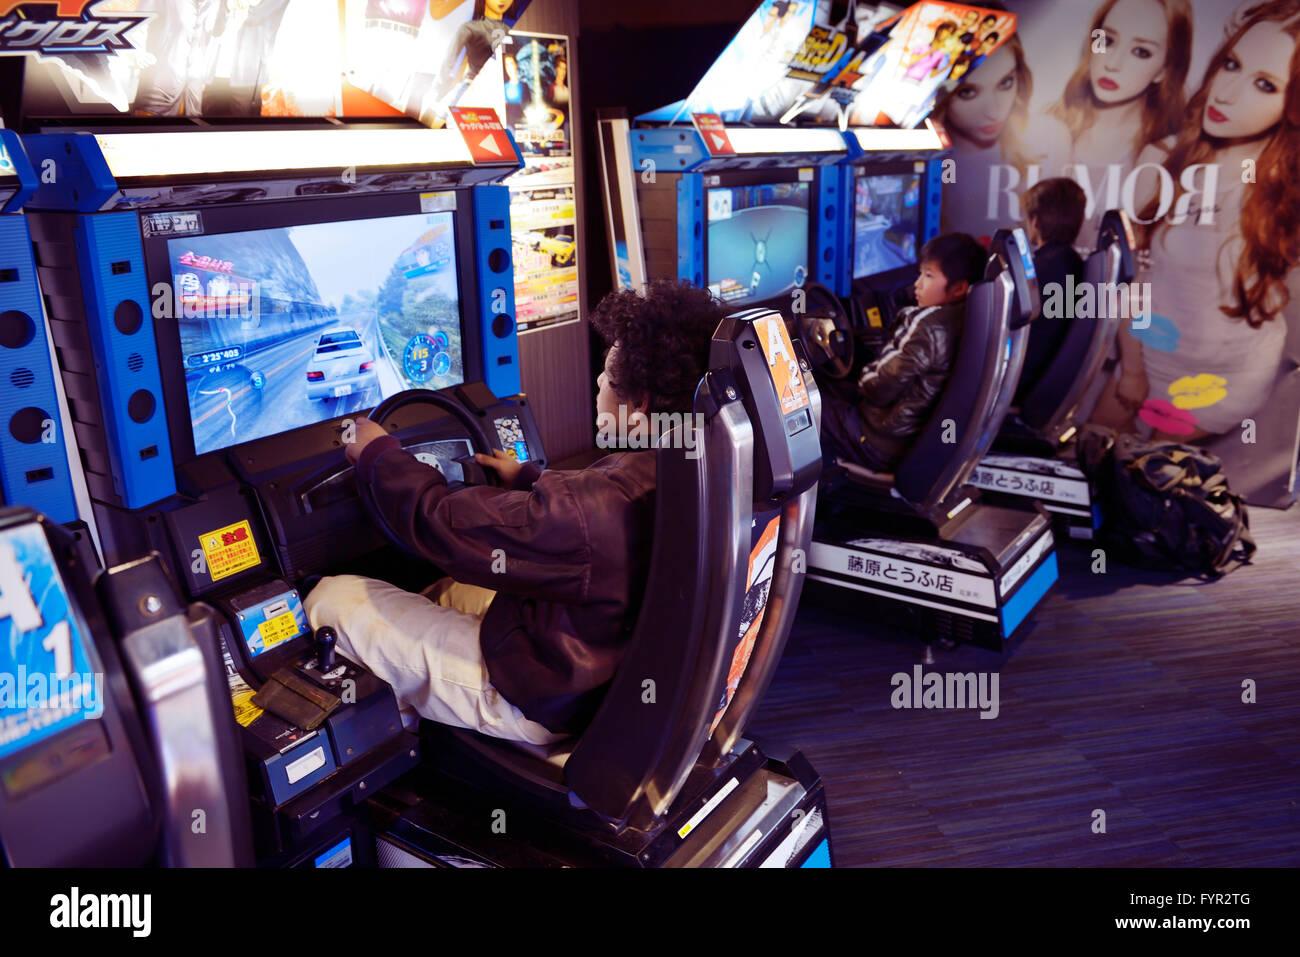 Gens jouer jeu vidéo de machines à sous dans une arcade, Tokyo, Japon Photo Stock